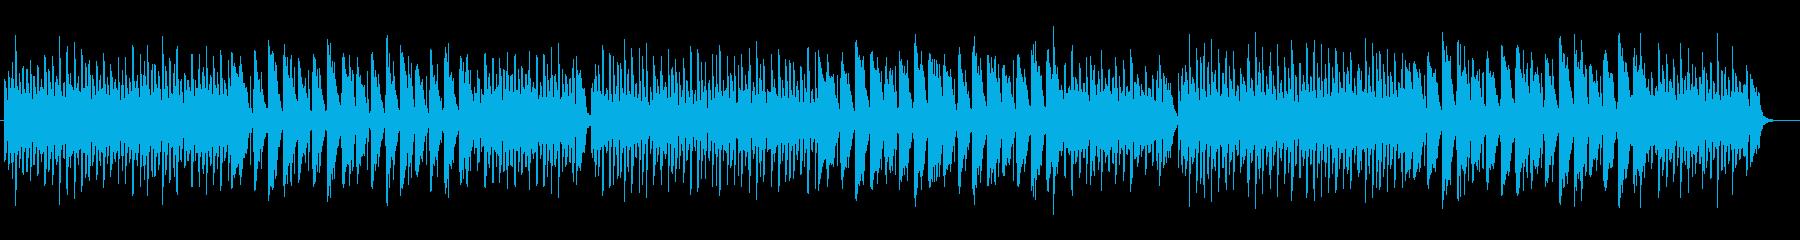 弾けるようなファンタジーミュージックの再生済みの波形